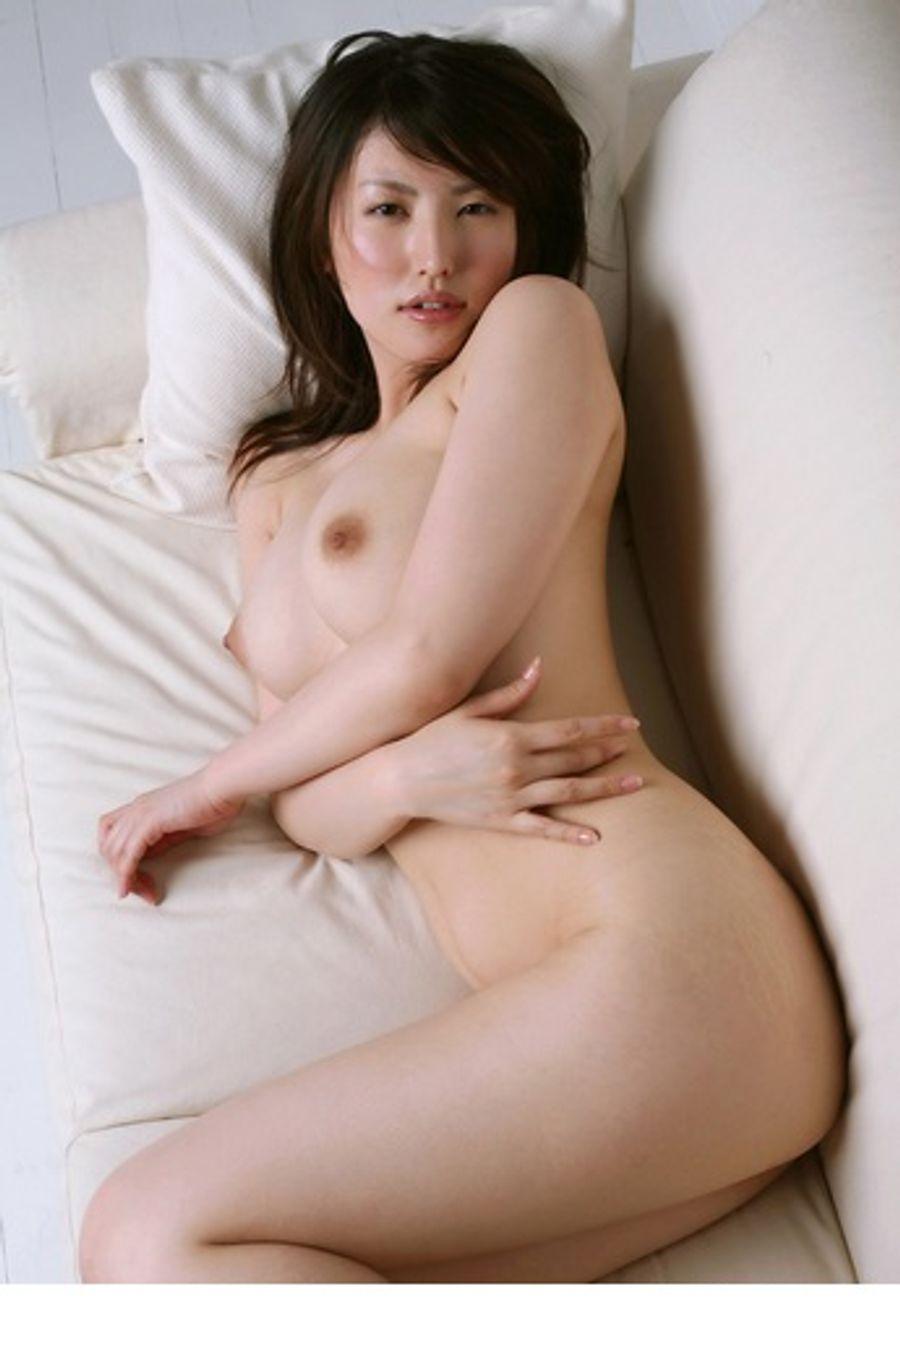 Hitomi aizawa sex photo interesting